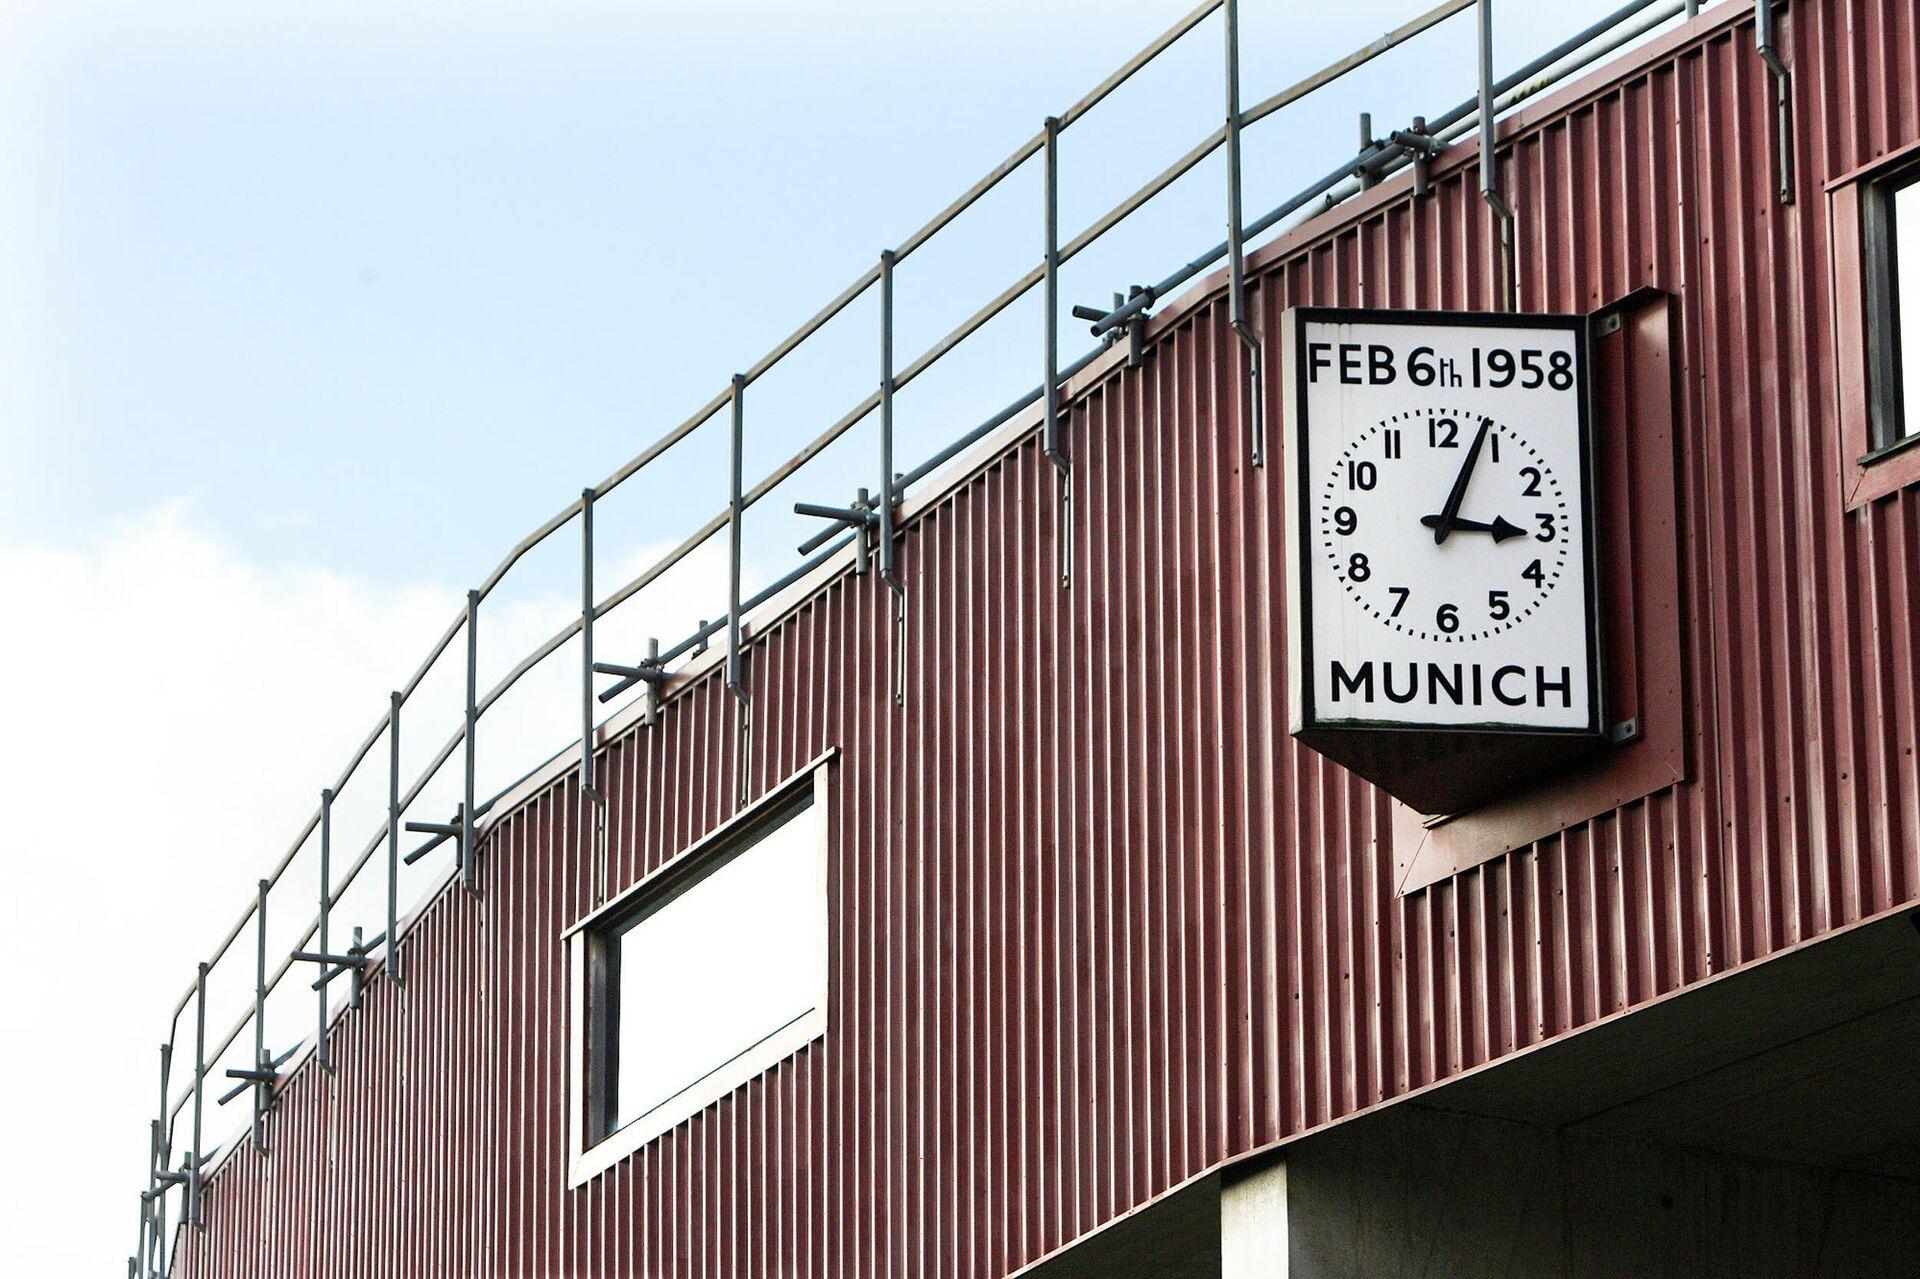 Часы с точным временем авиакатастрофы, в которой погибла част команды Манчестер Юнайтед - РИА Новости, 1920, 06.02.2020